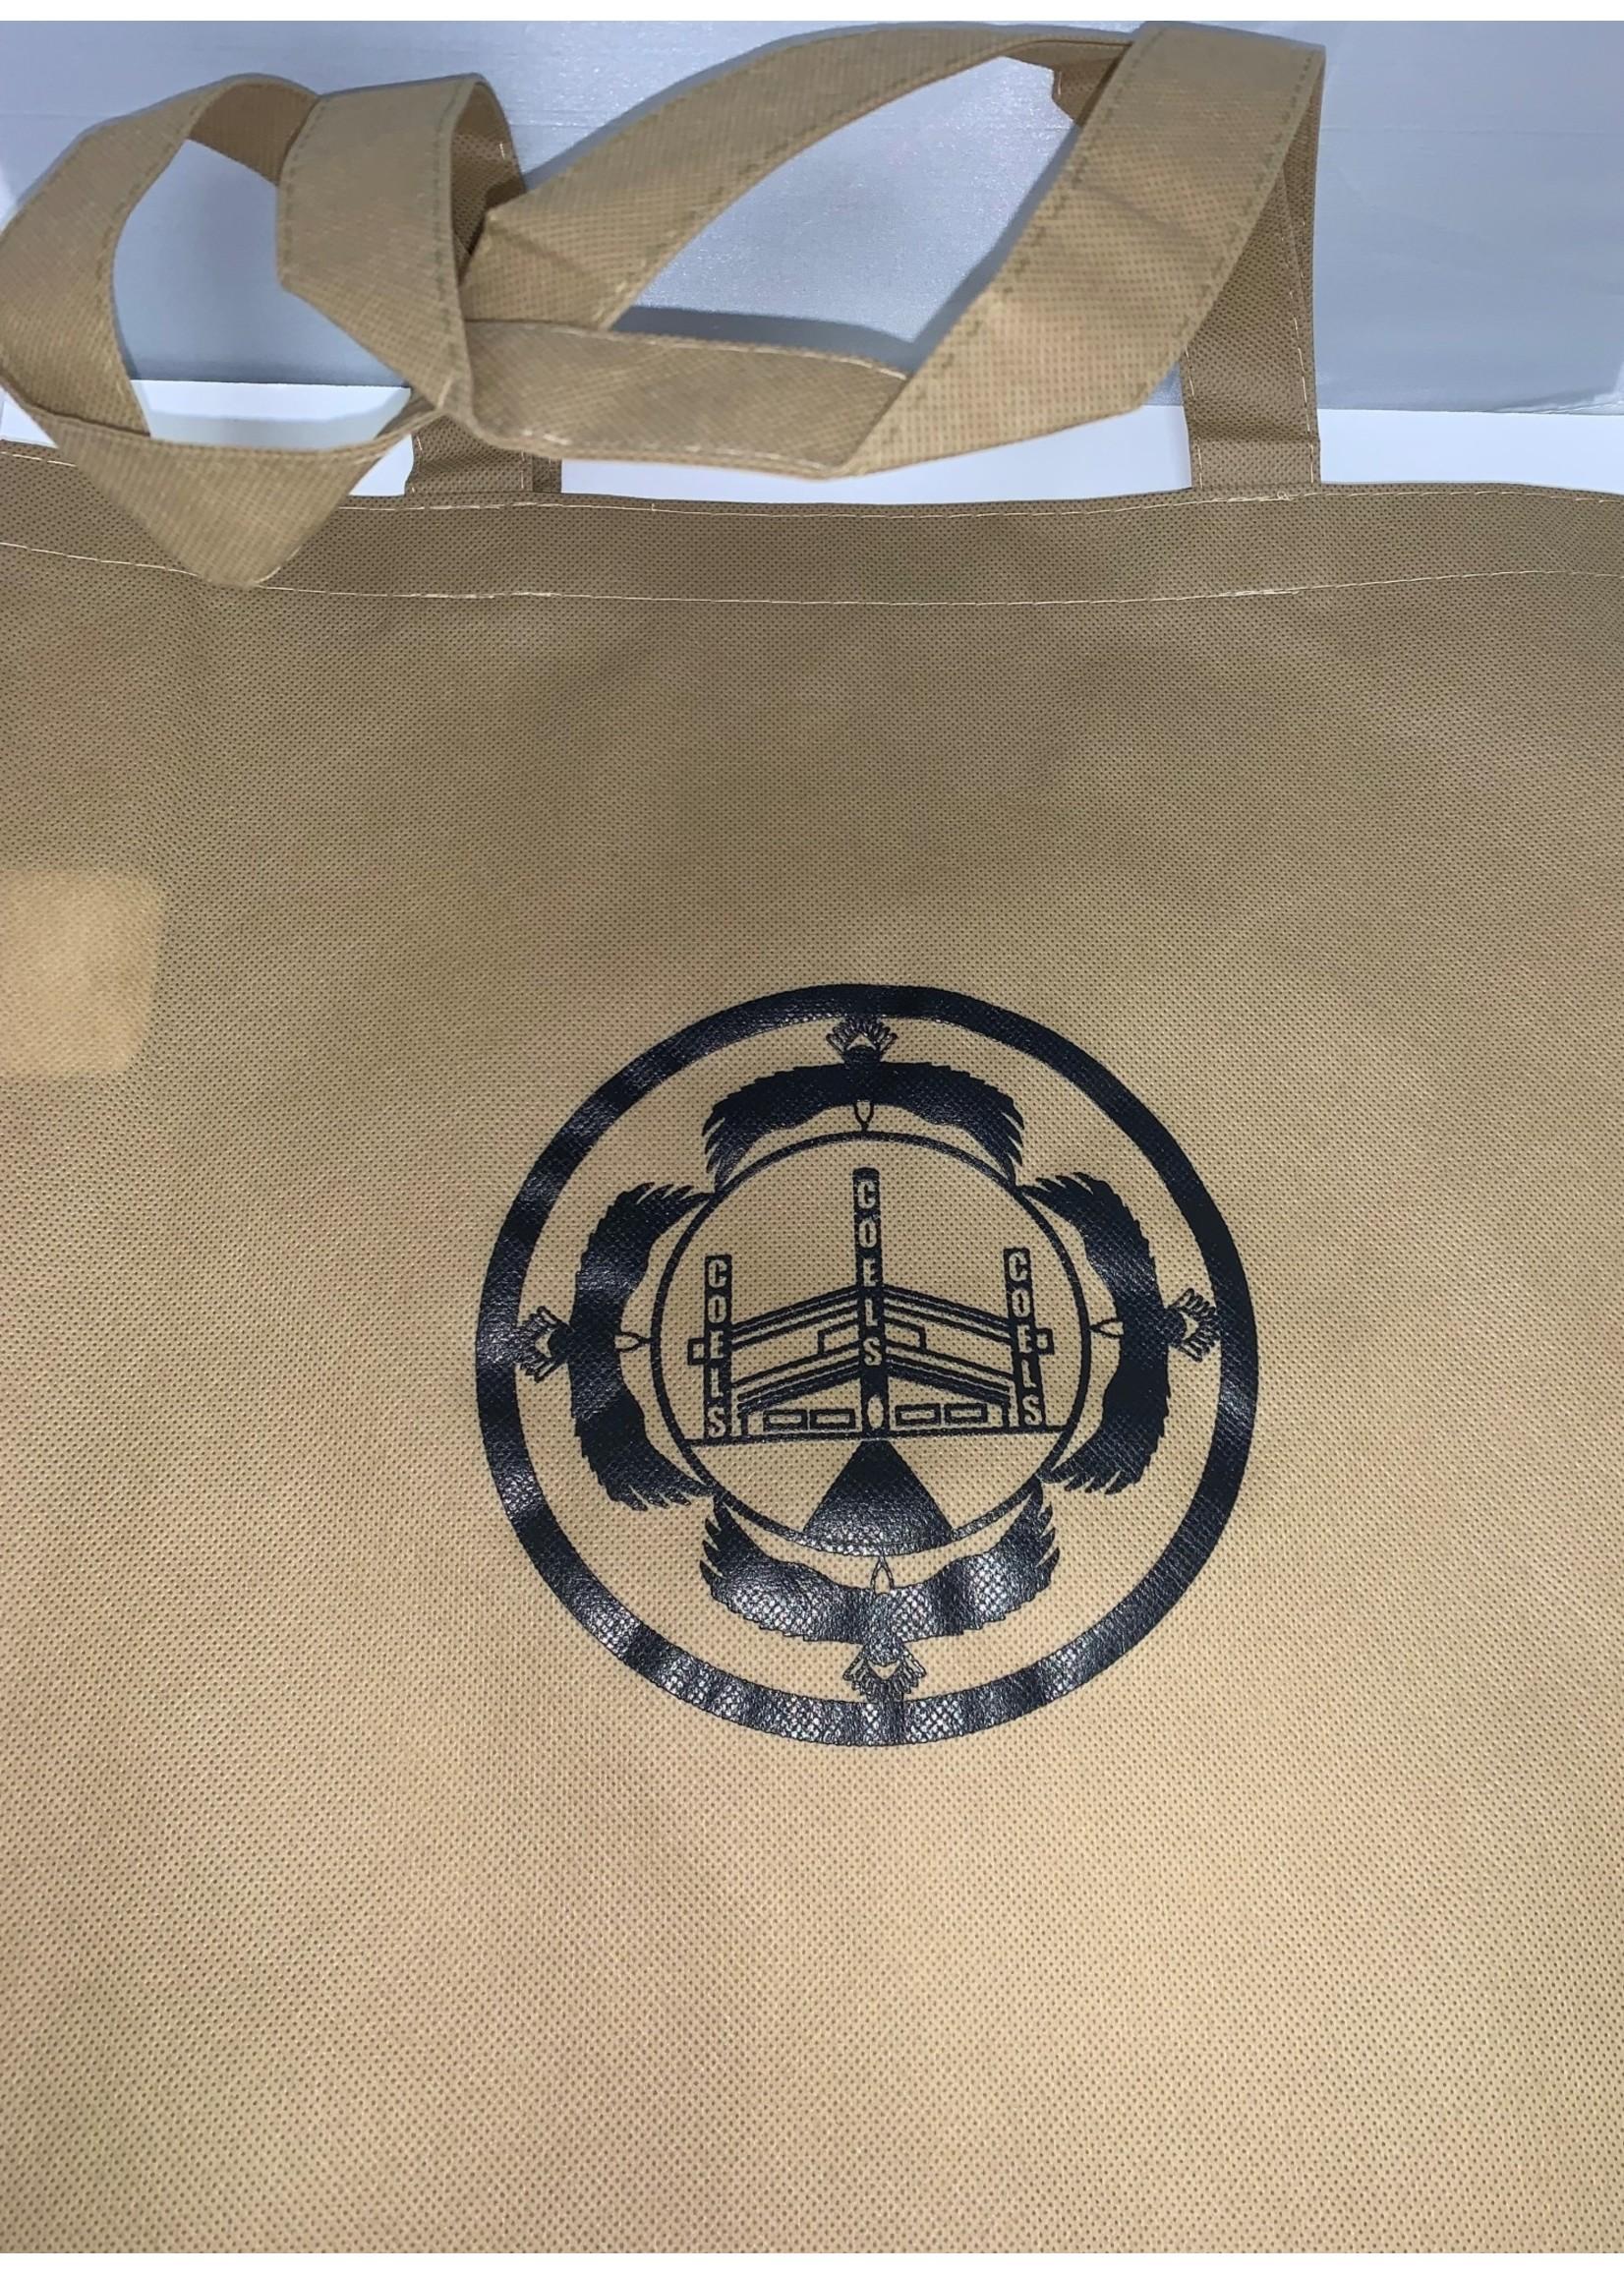 Circle of Eagles Lodge Society Reusable Bags